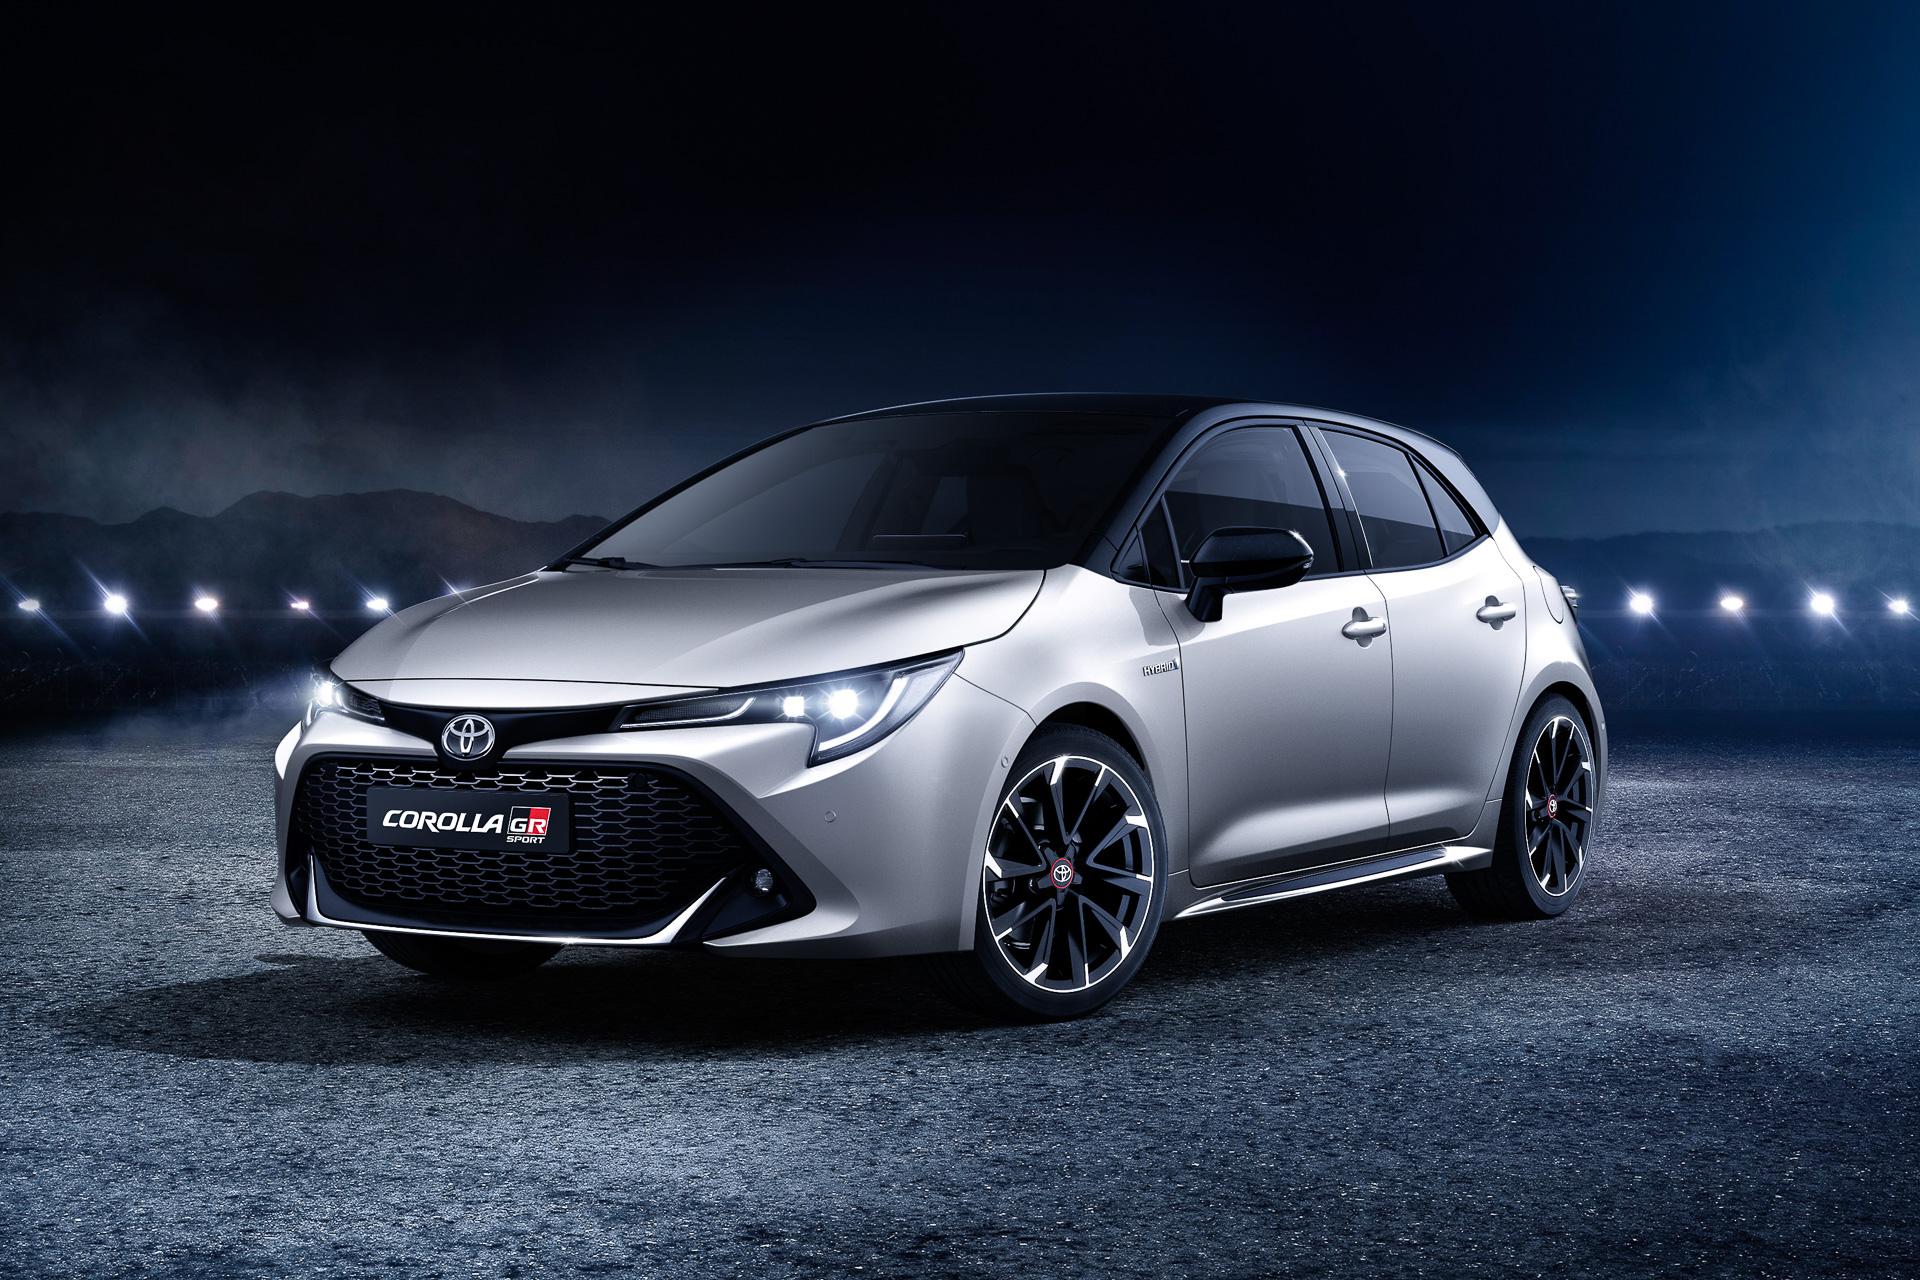 トヨタ、ジュネーブショー 2019で「カローラ Gr Sport」「カローラ Trek」世界初公開 Car Watch